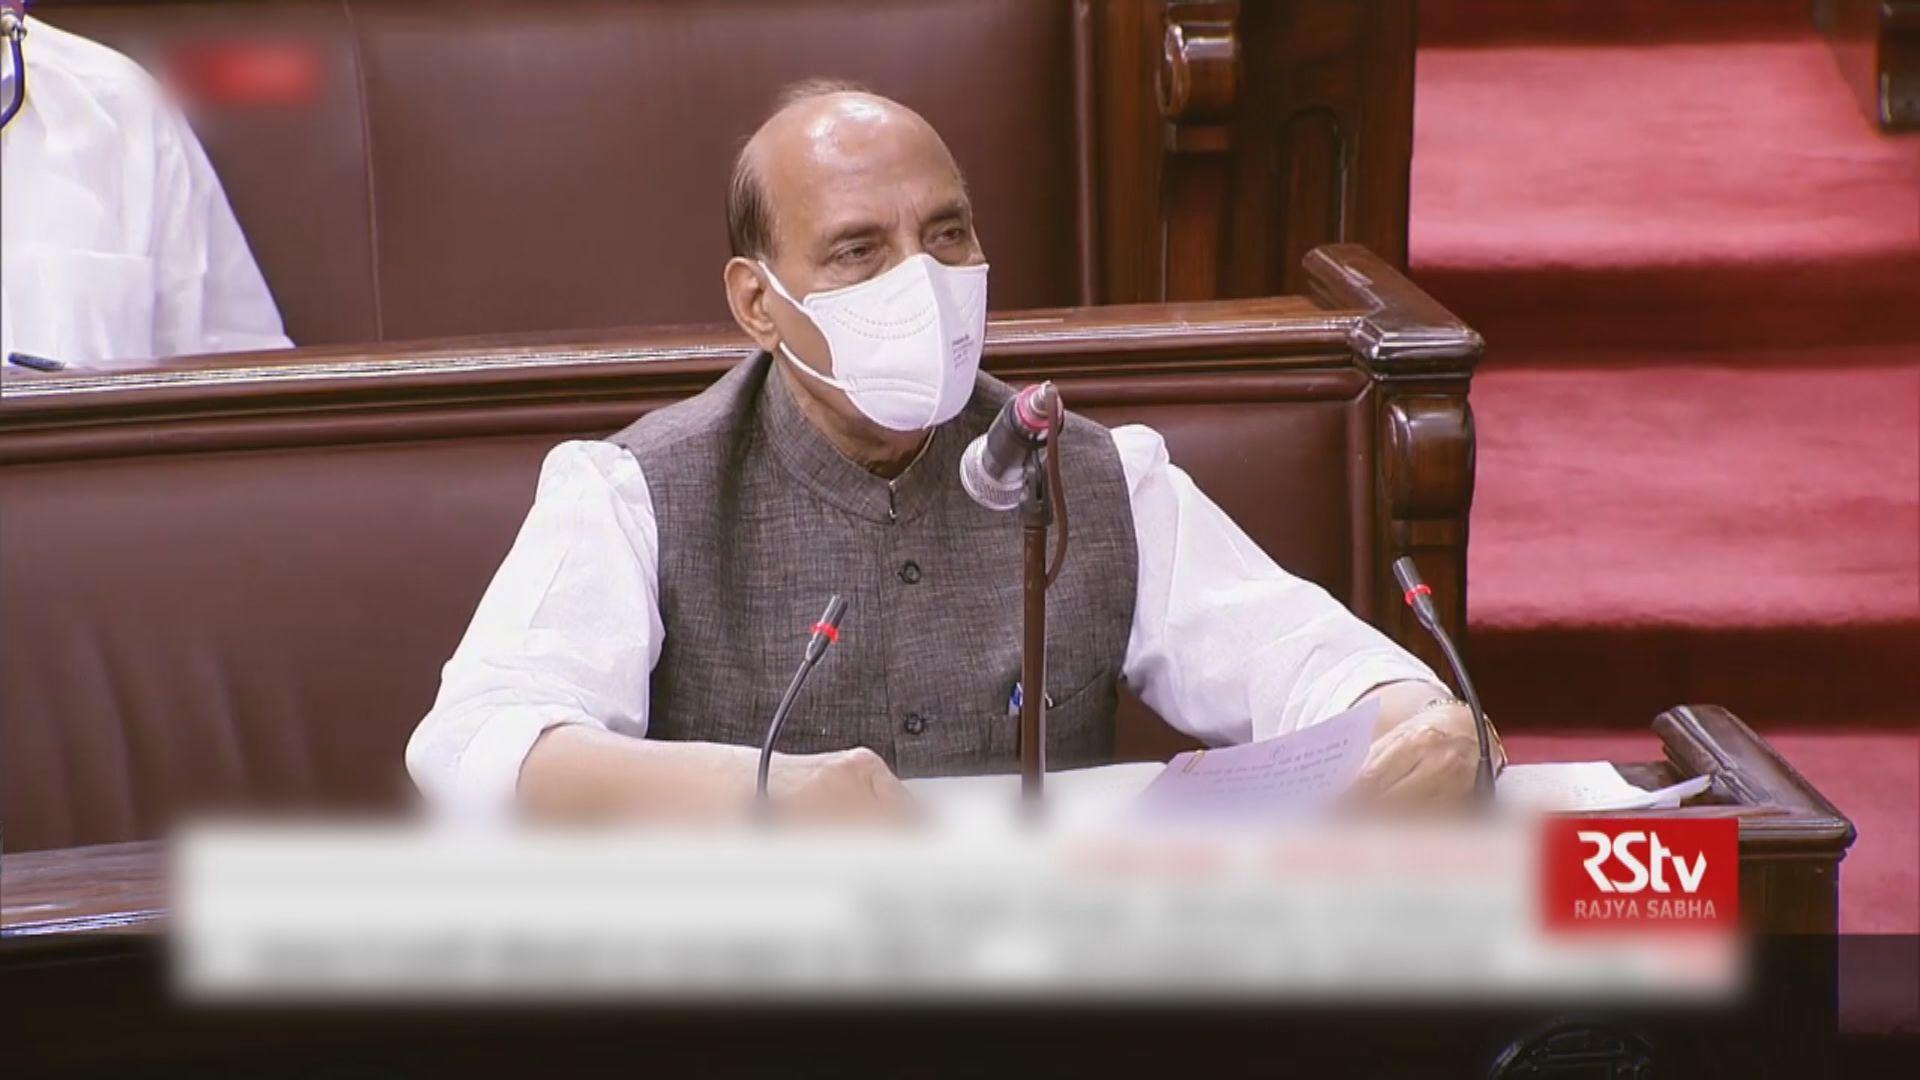 印度防長再次要求中方邊境撤軍 中國促印度糾正錯誤做法